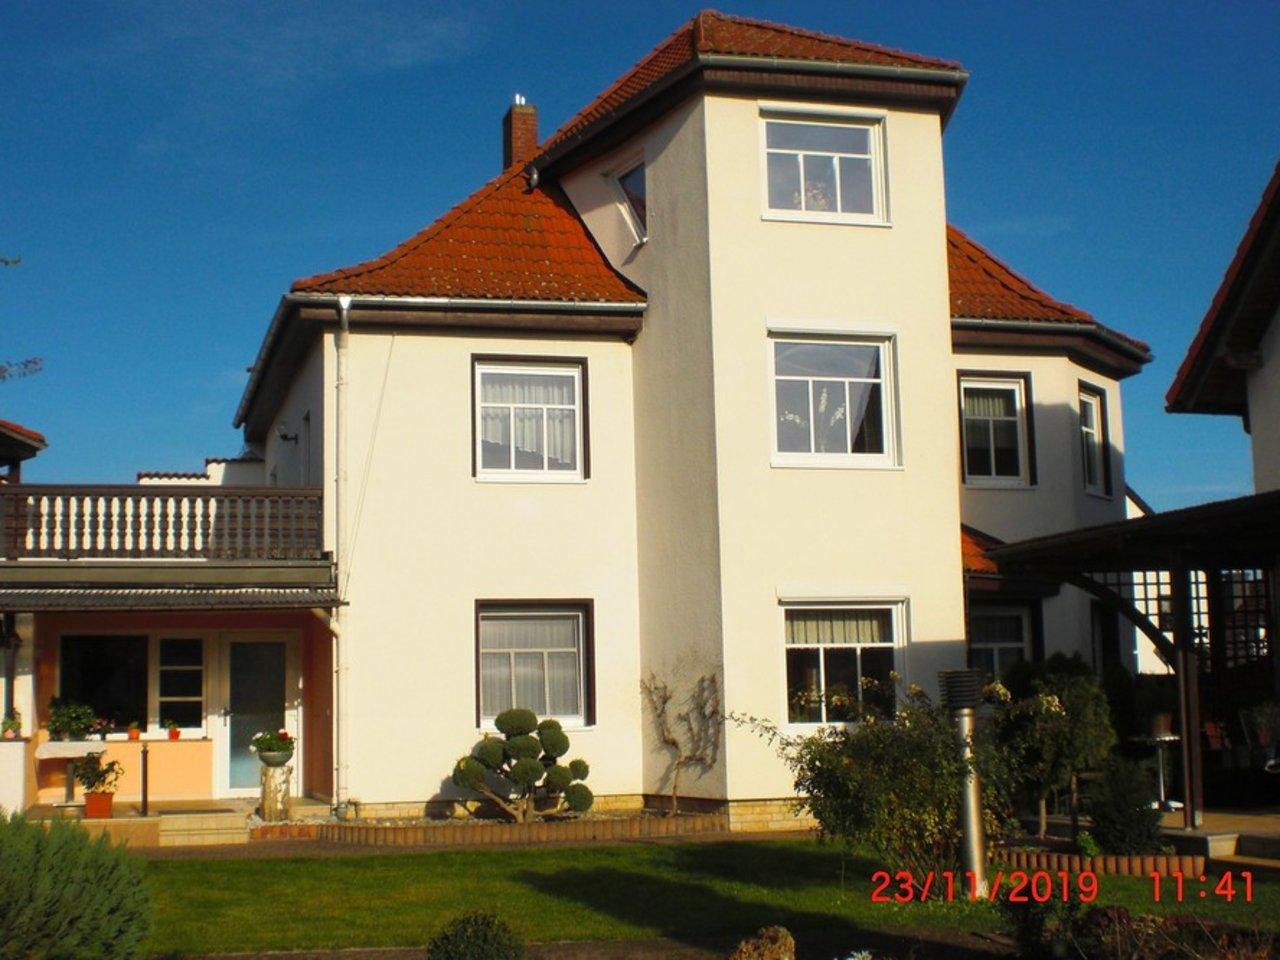 Großzügige, gepflegte Wohnung mit sonniger Terrasse in Witzleben-Hausansicht Gartenseite